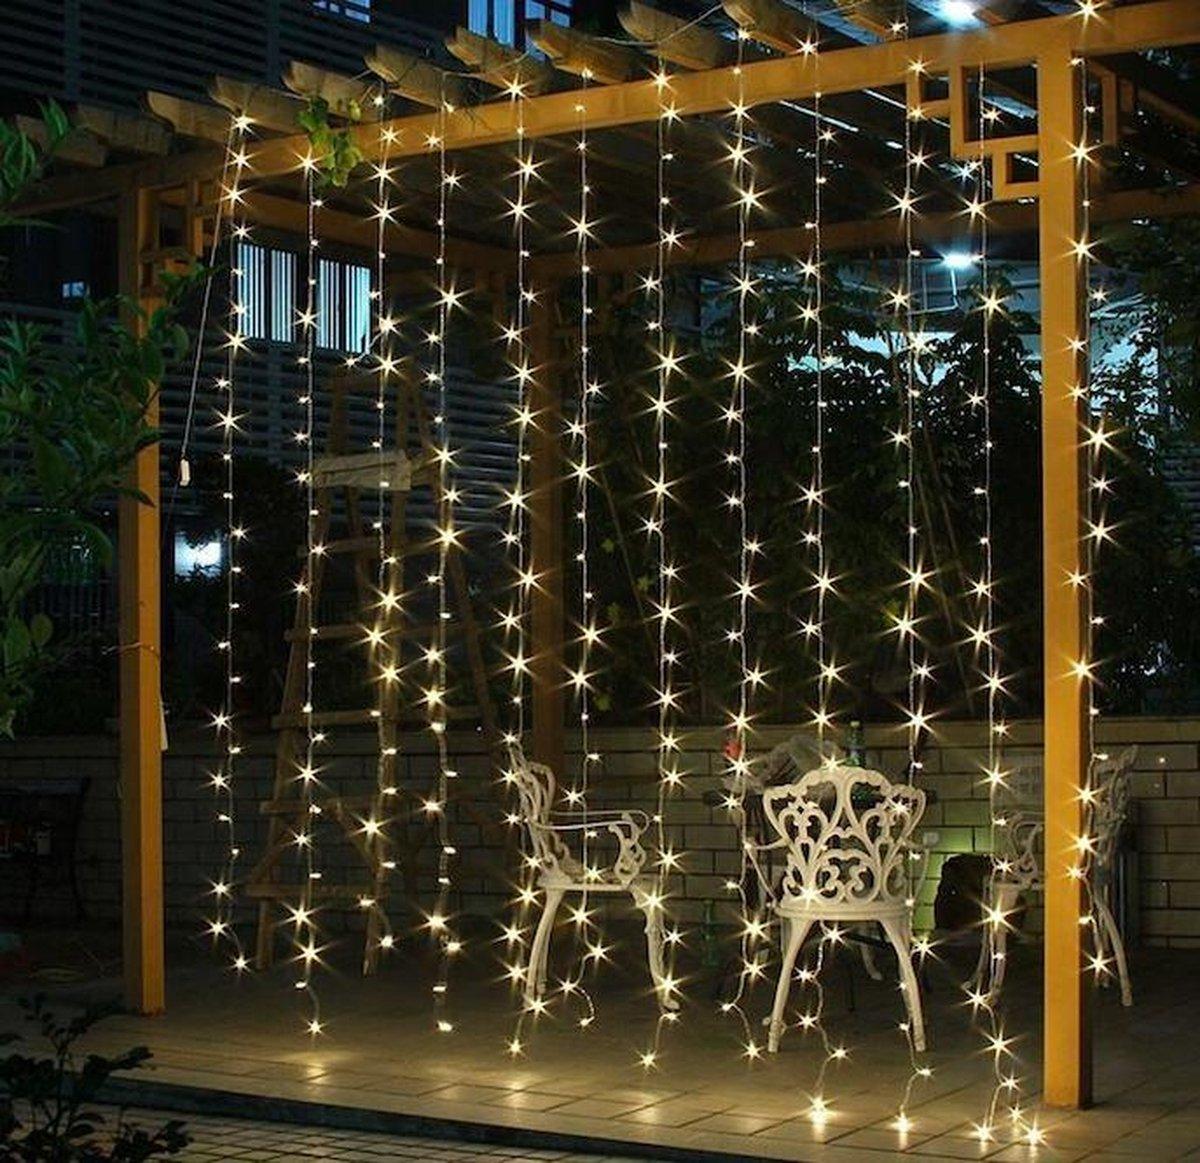 Kerstverlichting LED Gordijn - 300 LED's - 3x3 meter